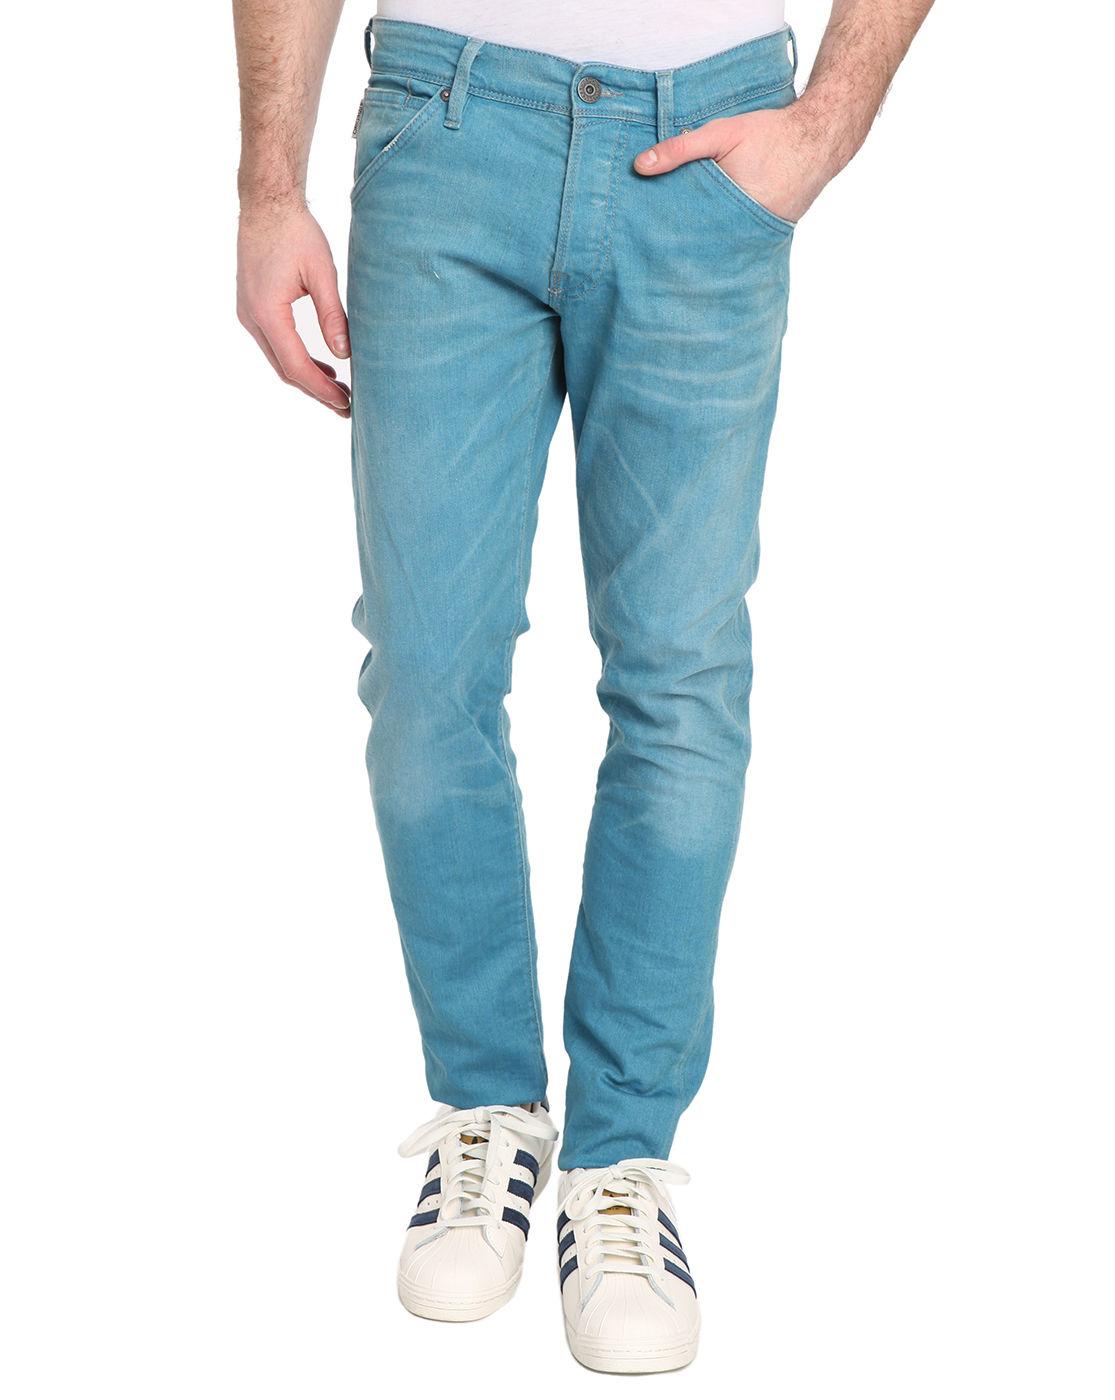 jack jones glenn slim fit jeans in blue for men. Black Bedroom Furniture Sets. Home Design Ideas